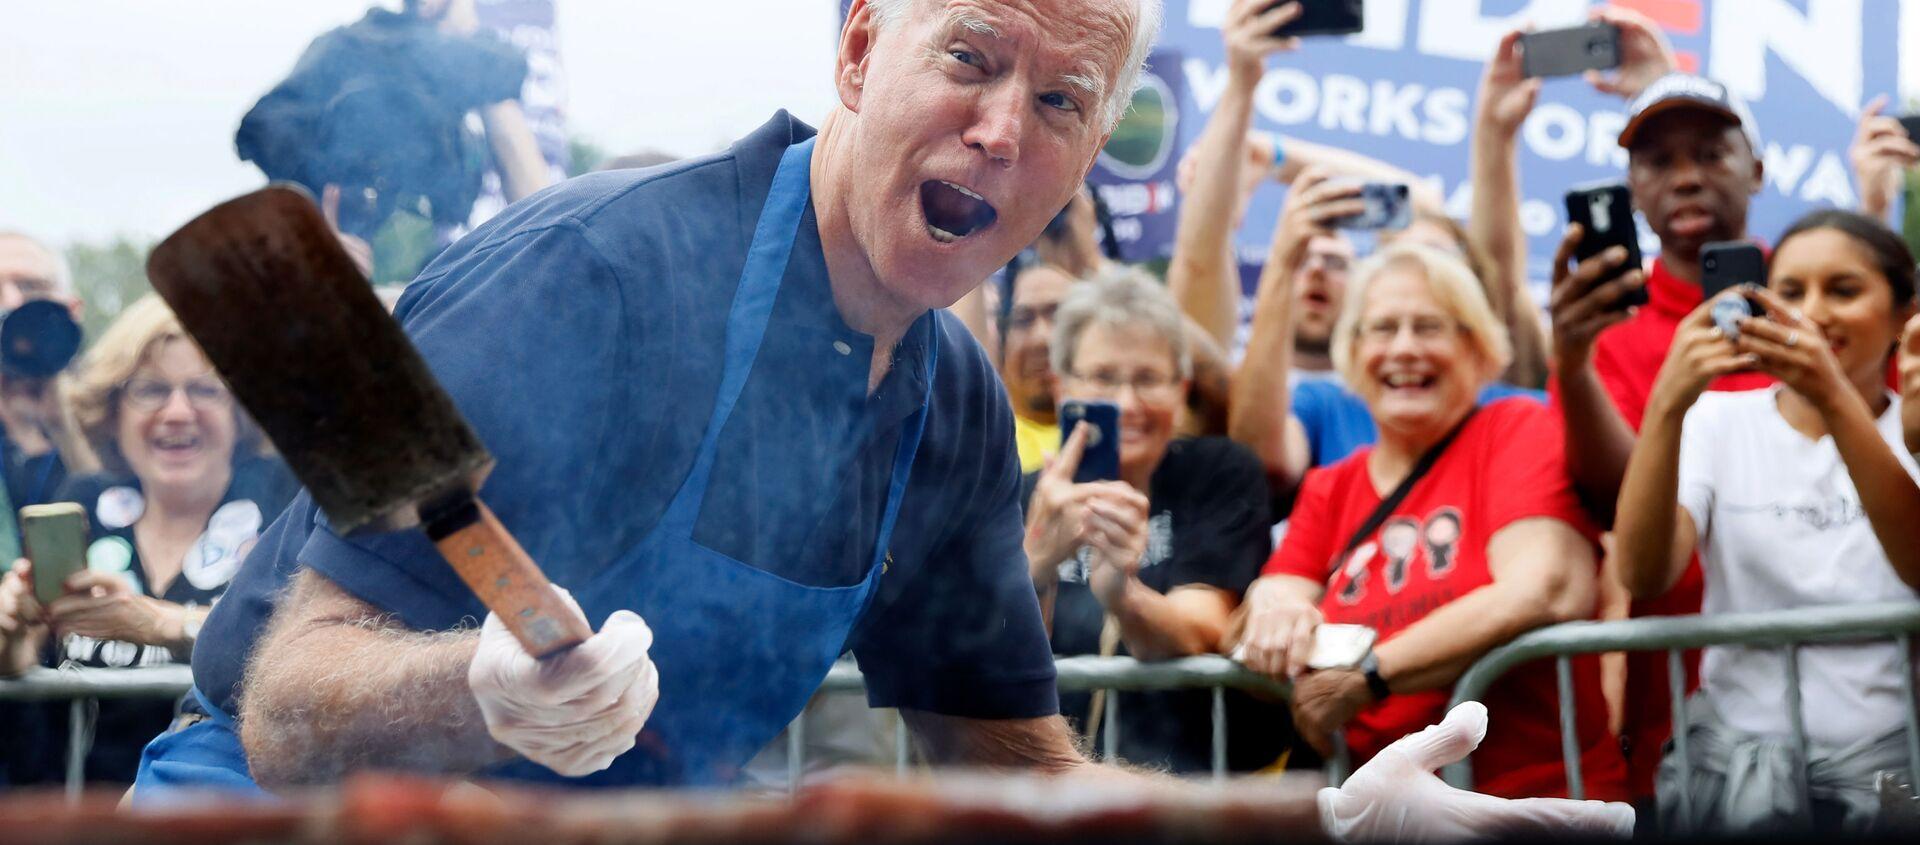 Joe Biden podczas kampanii wyborczej - Sputnik Polska, 1920, 19.03.2021